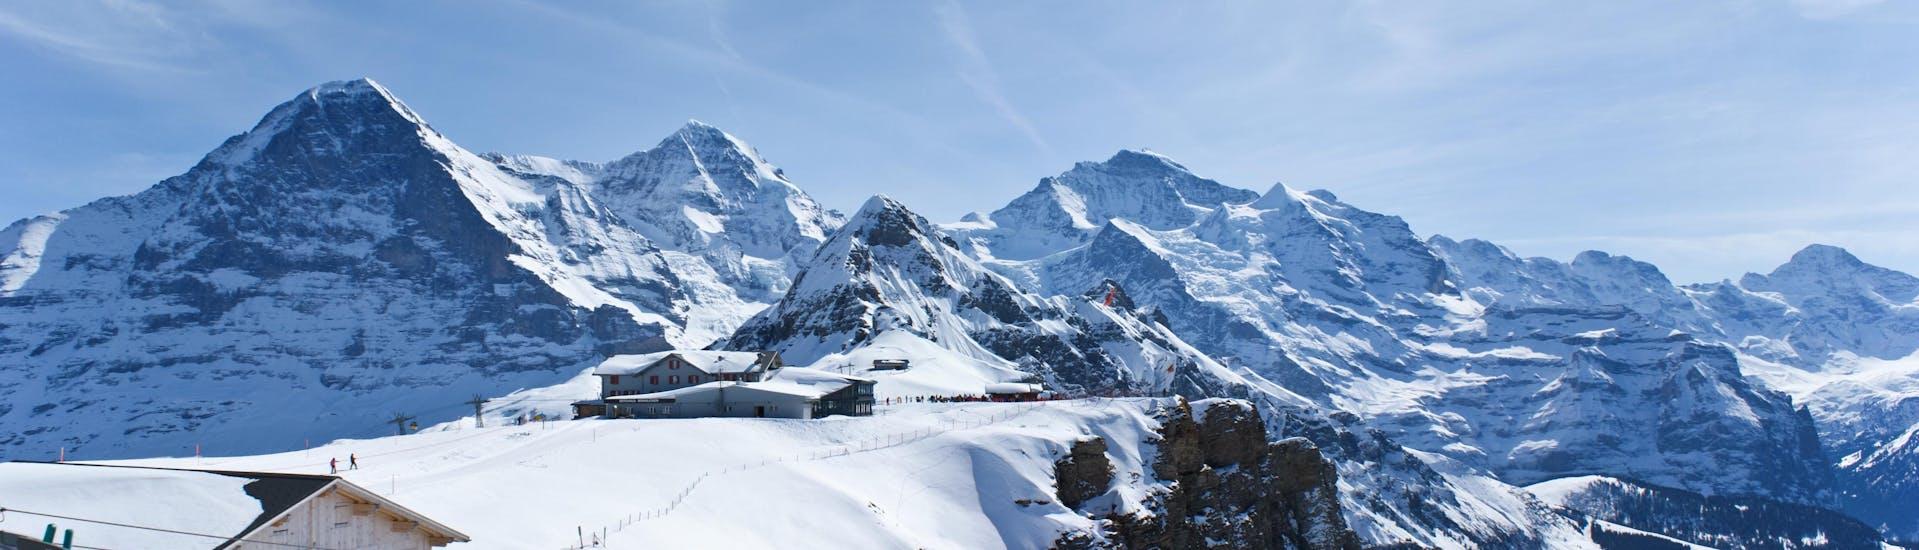 Vue du paysage de montagnes enneigées entourant la station de téléphérique dans la station de ski suisse d'Interlaken.